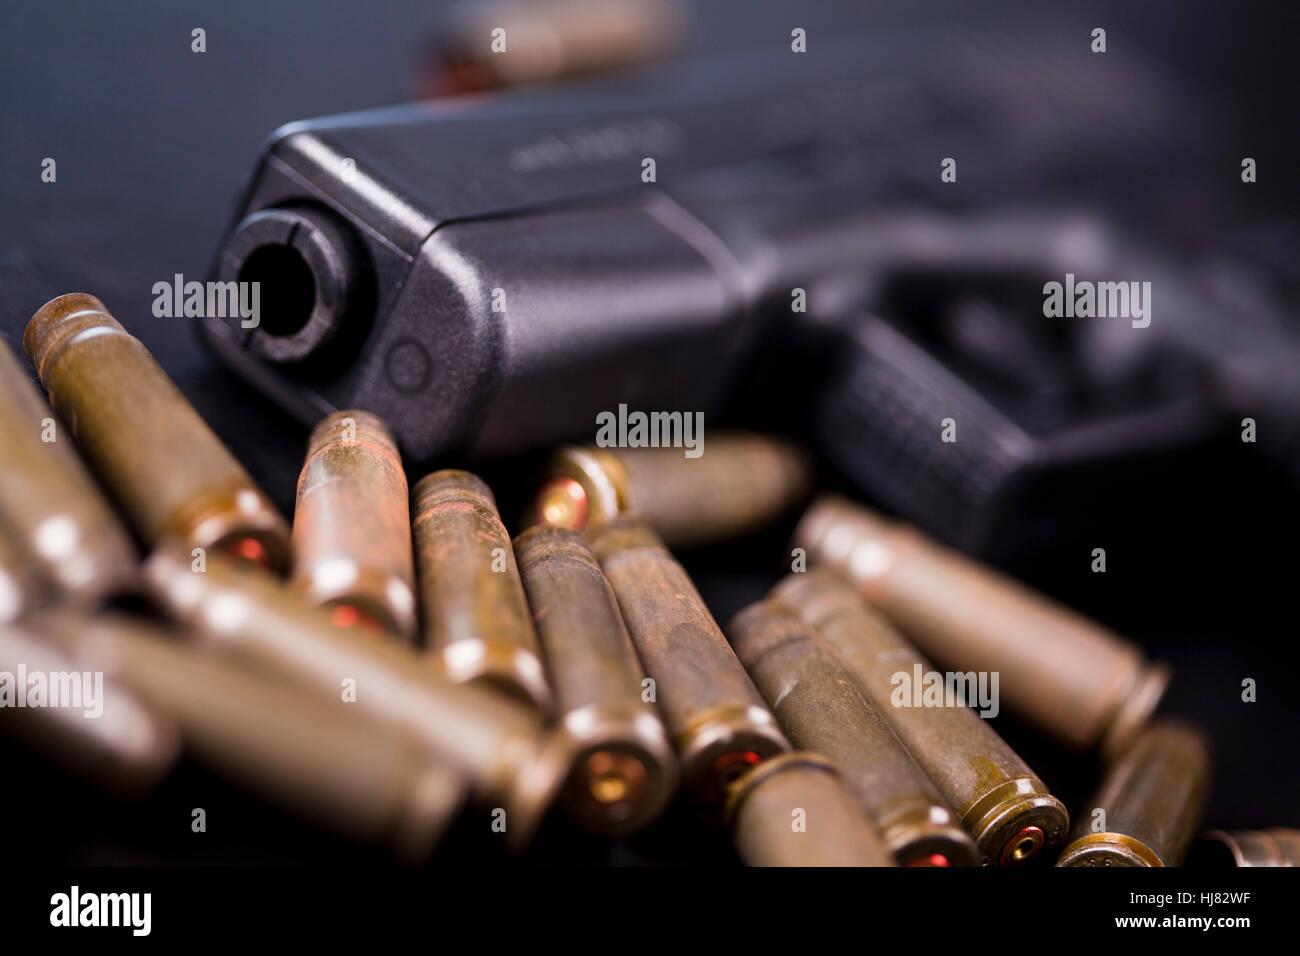 magazine, pistol, arm, weapon, ammunition, military, gun